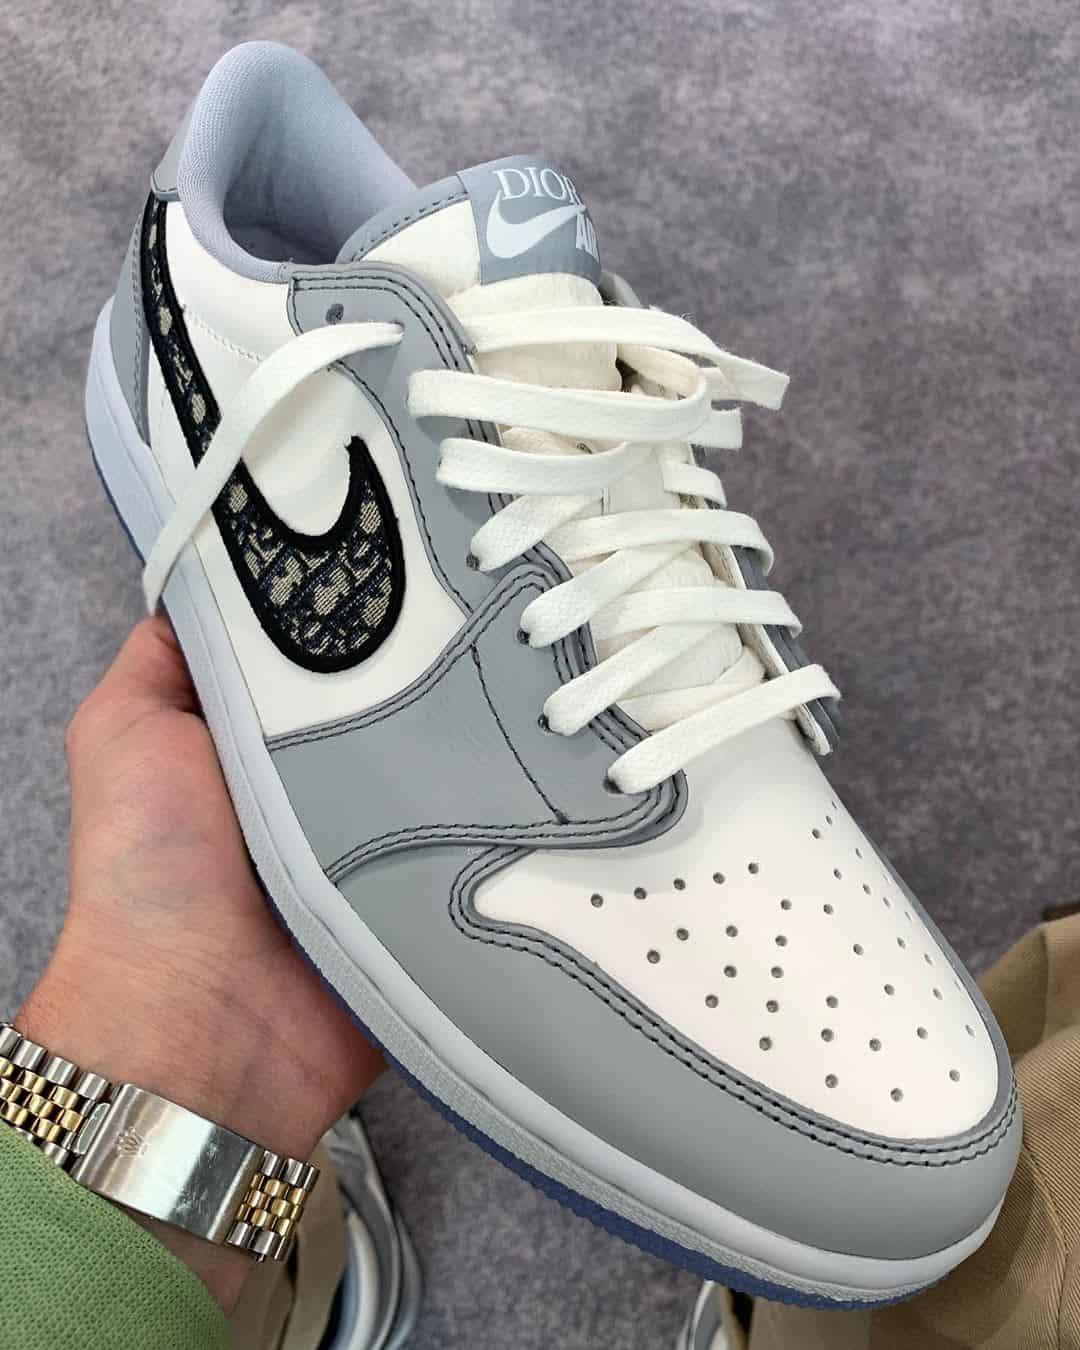 Dior Air Jordan 1 Low 2